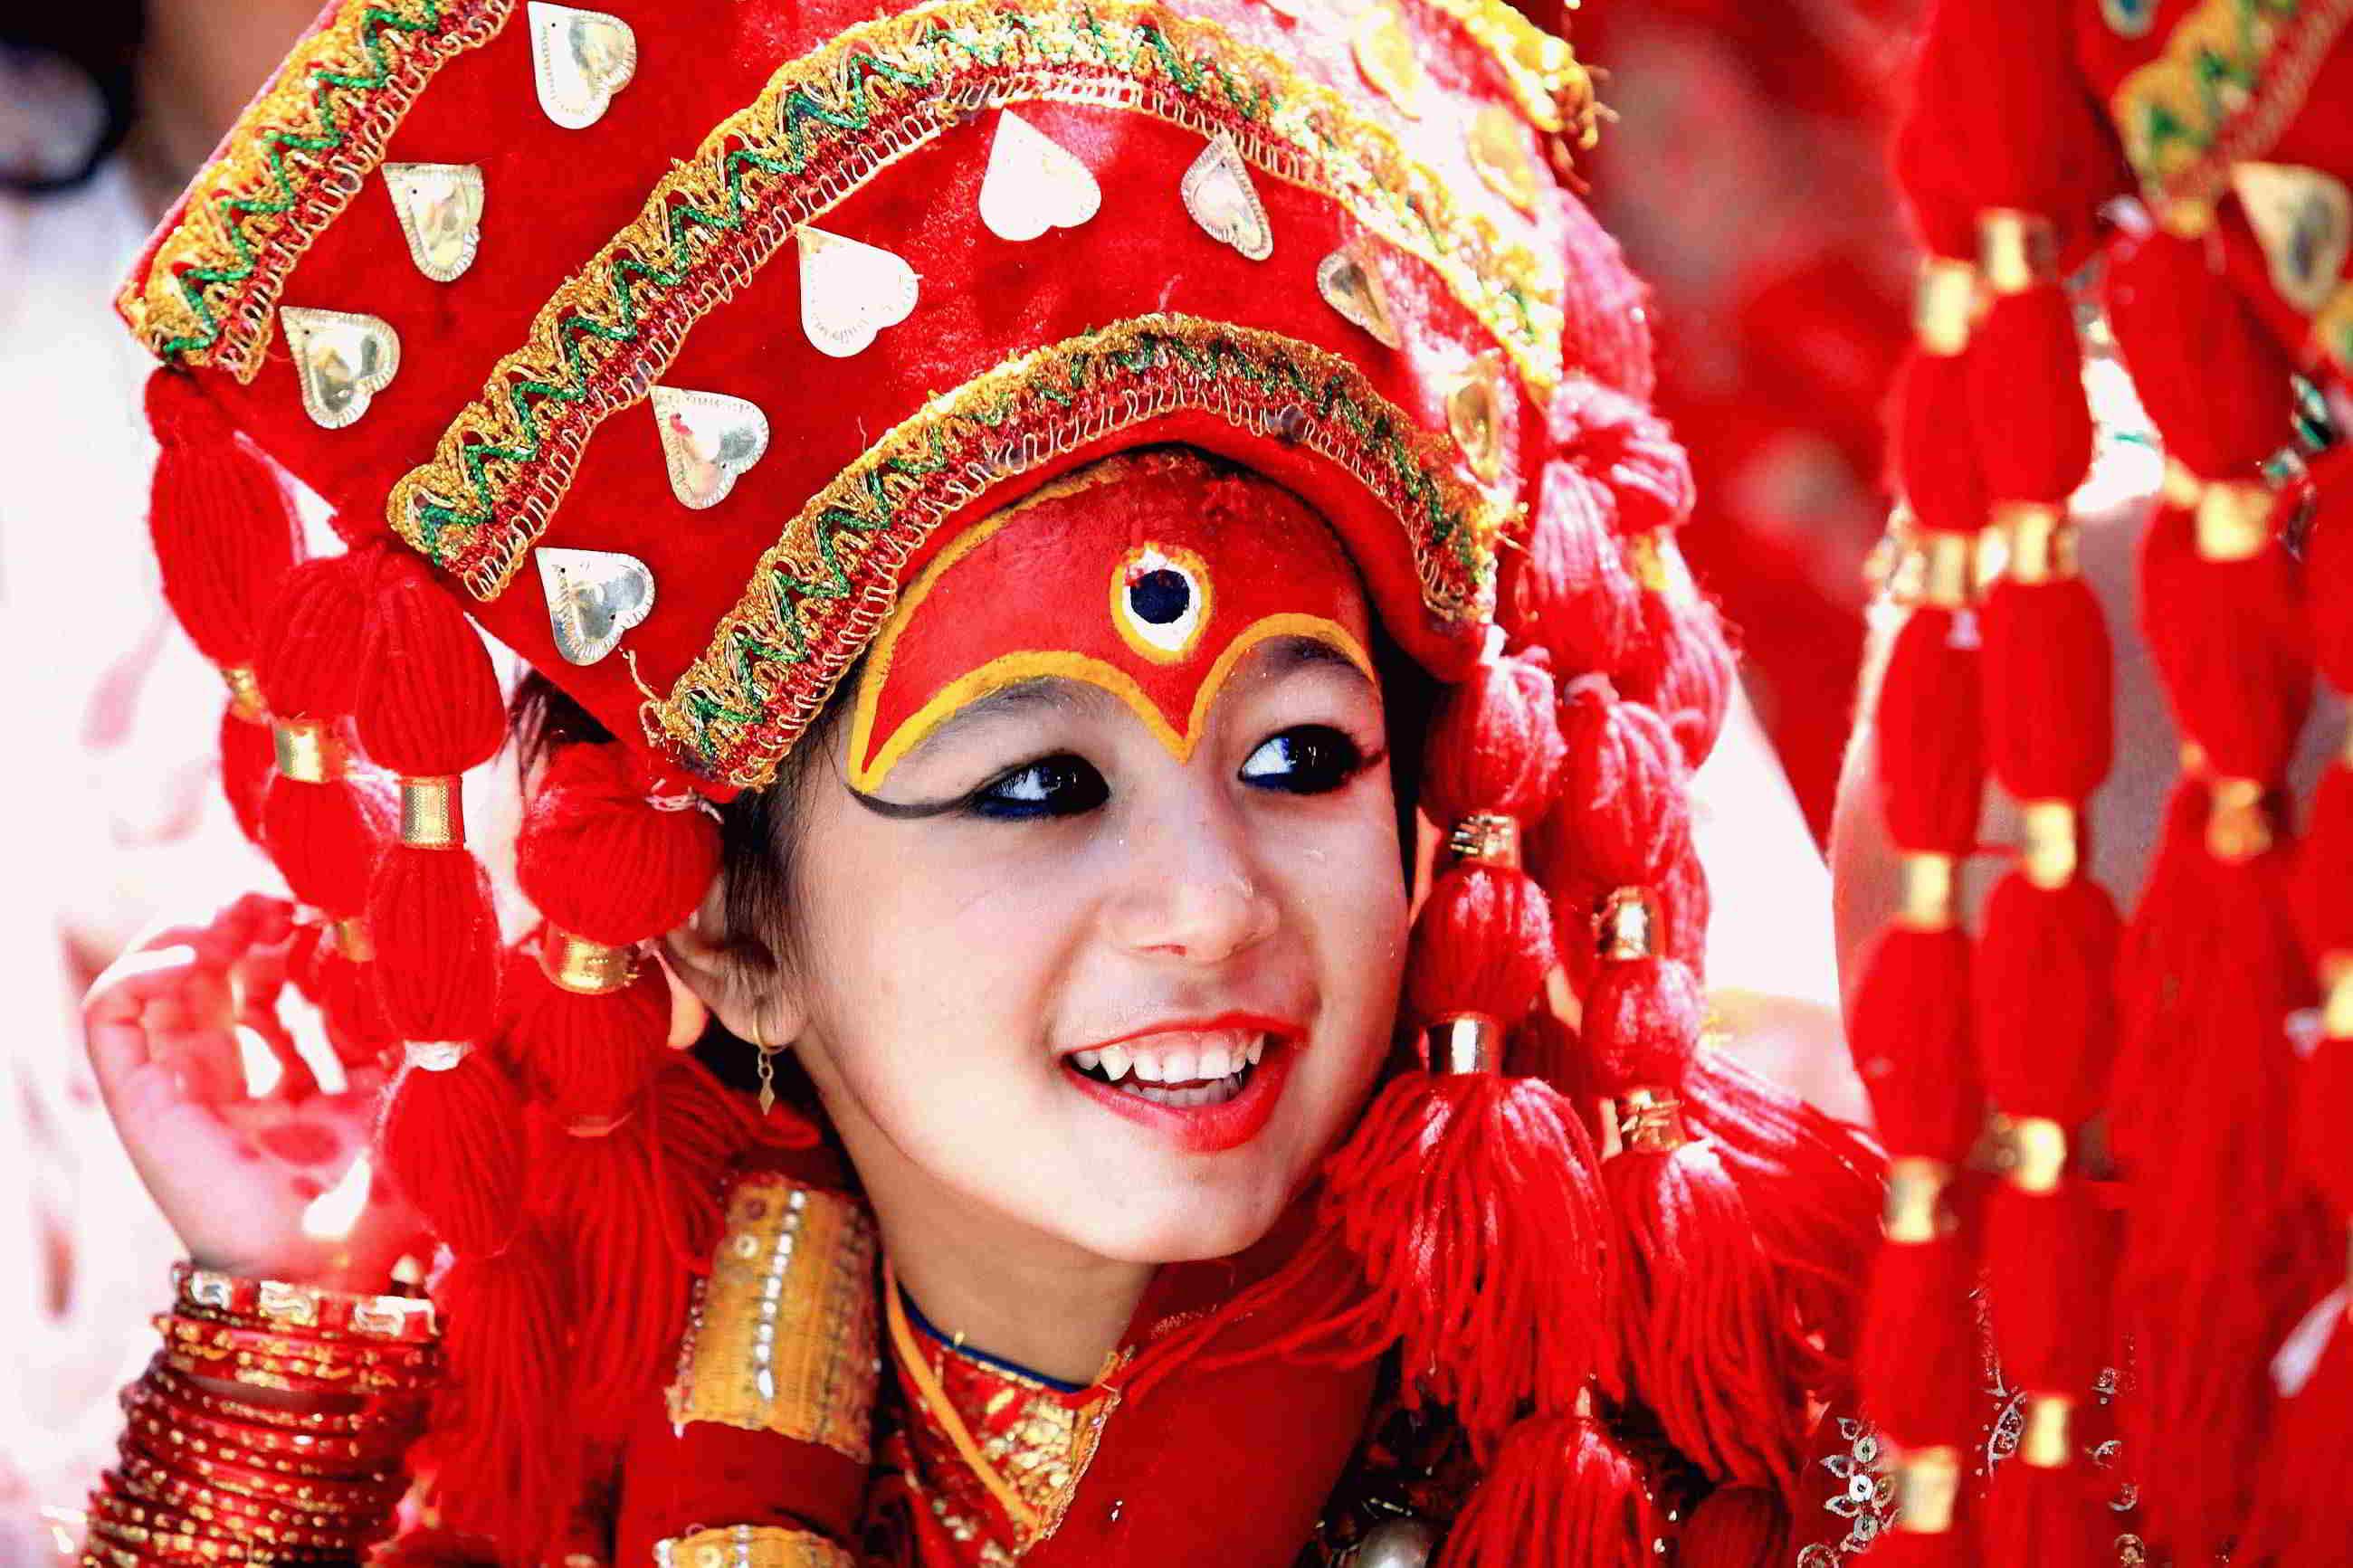 काठमाण्डौको हन्ुमान ढोकामा १०८ क्ुमारीक प्ुजामा क्ुमारीको पहिरणमा मन्द म्ुस्कान  सहभागि क्ुमारी यसरी हरेक वर्षक्ुमारी प्ुजा गरीन्छ